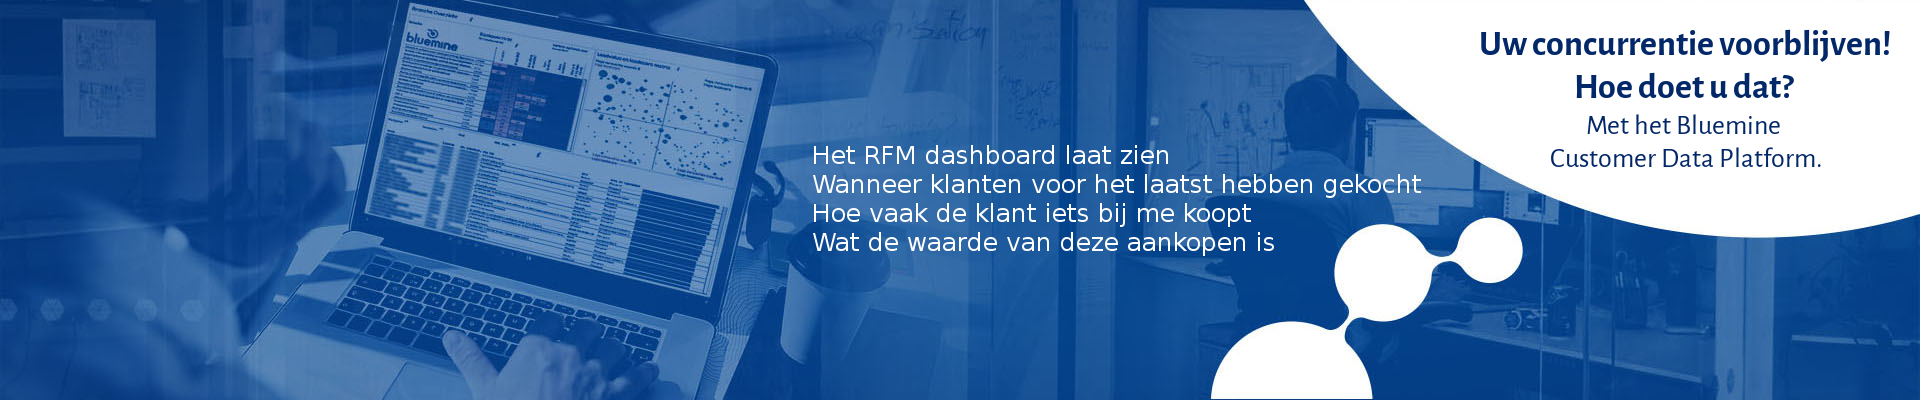 Bluemine Customer Data Platform